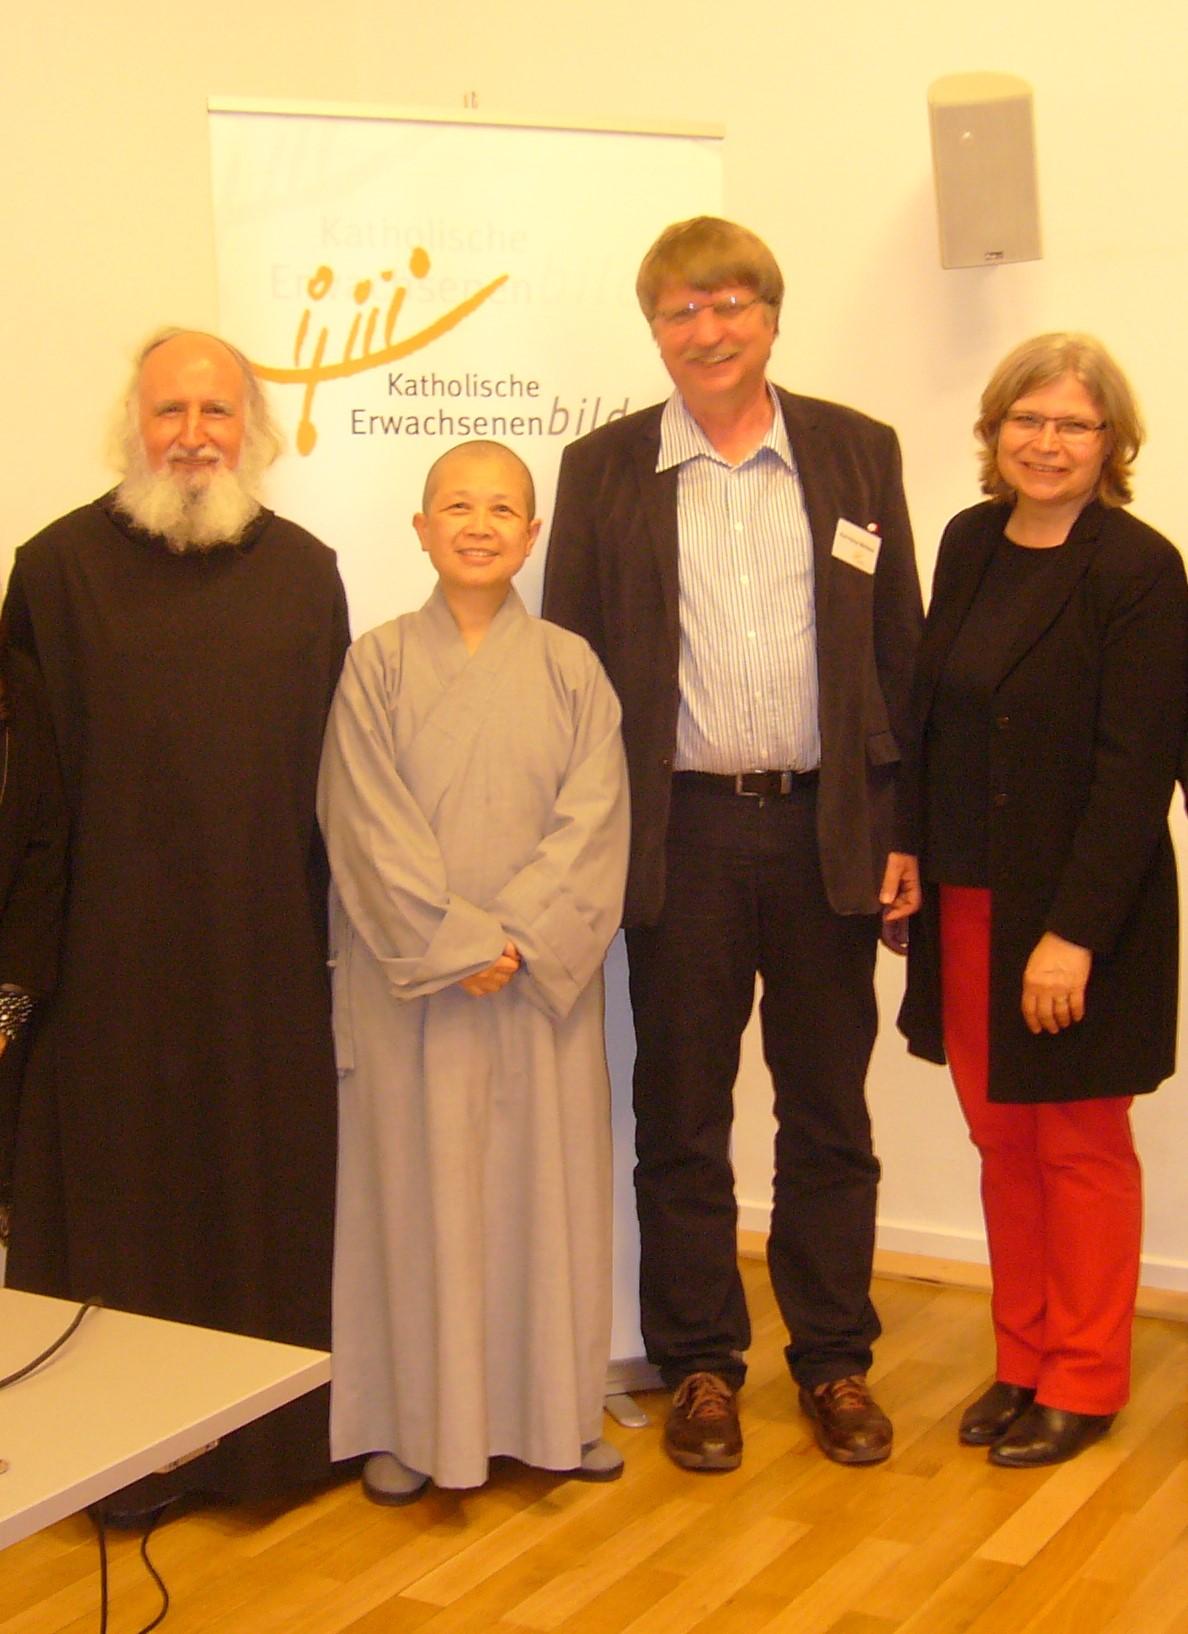 Lesung mit Pater Anselm Grün (l.) und der buddhistischen Nonne Shih Chao-hwei (2.v.l.)